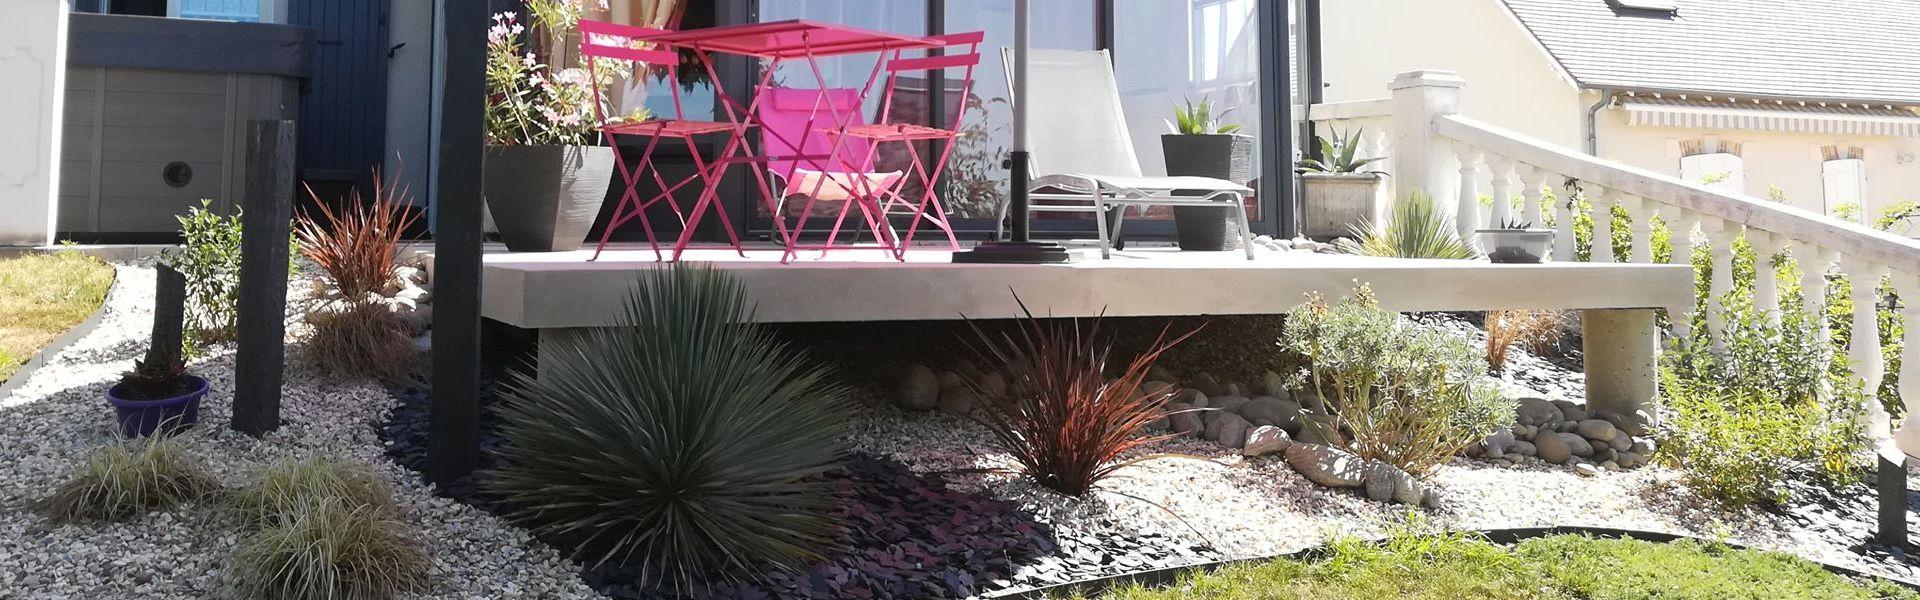 Terrasse en une journée avec des grandes dalles en béton armé, pose facile et rapide.